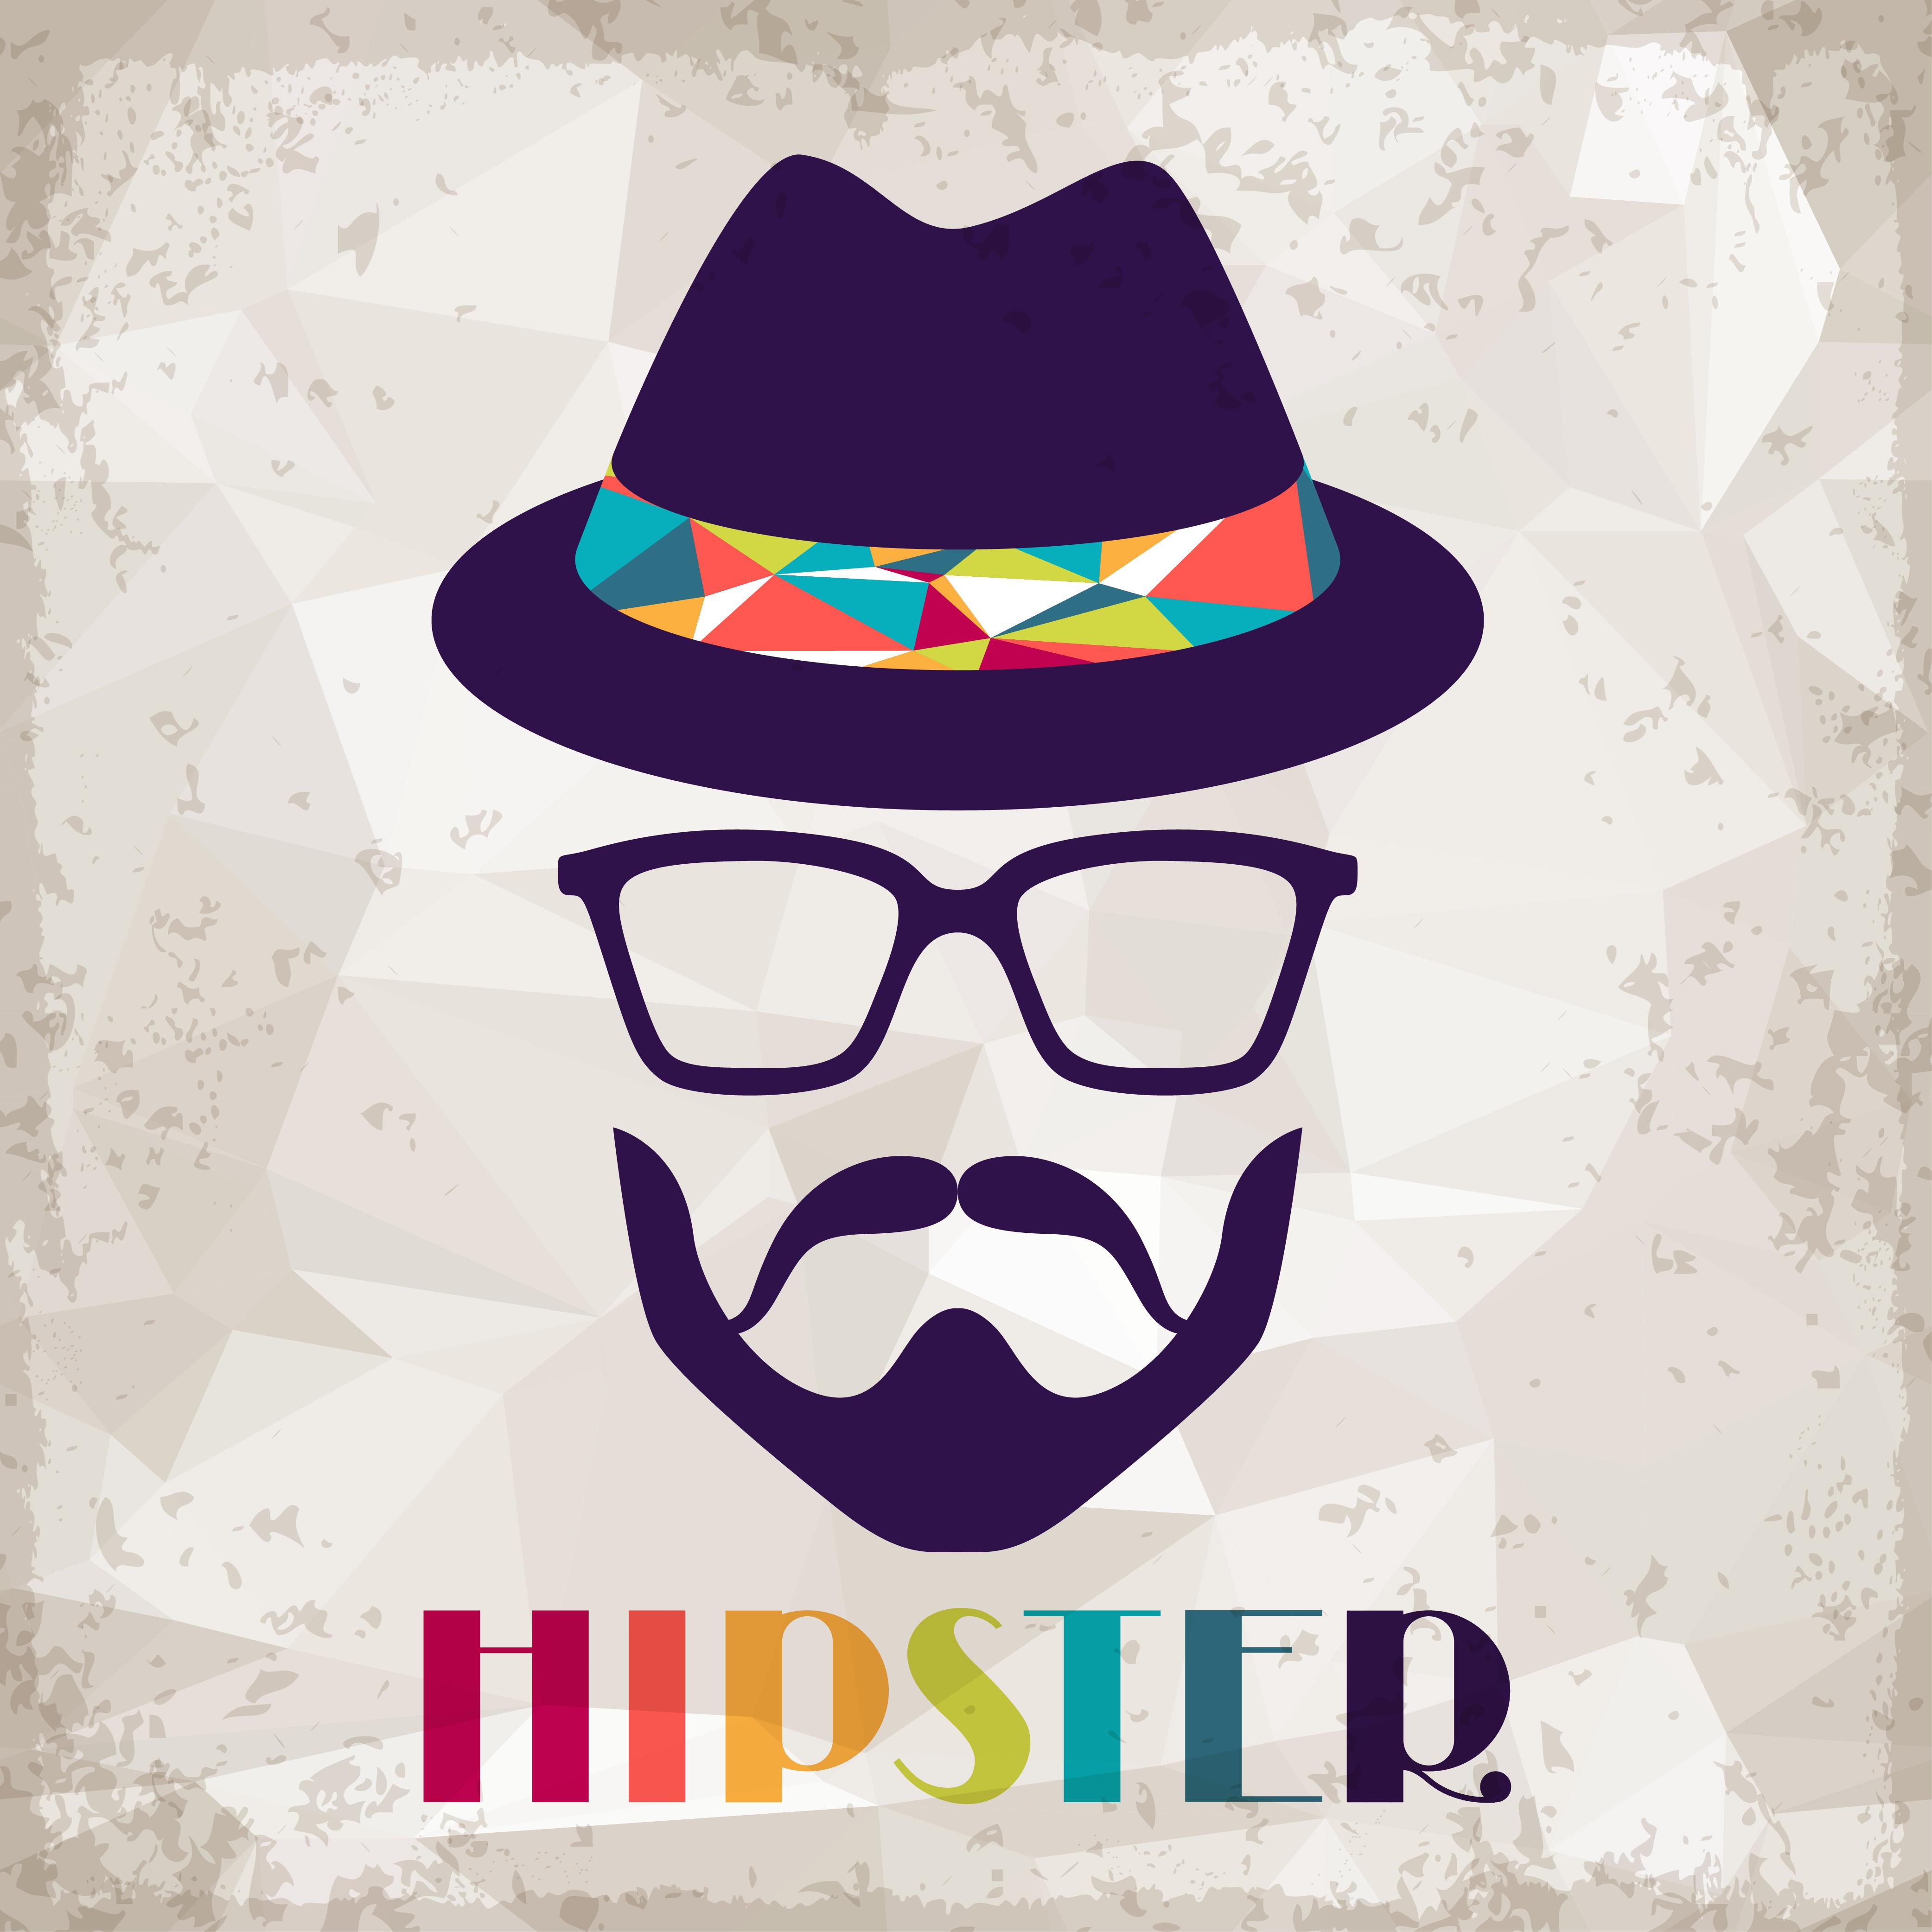 15 Vintage Hipster Backgrounds HQ Backgrounds